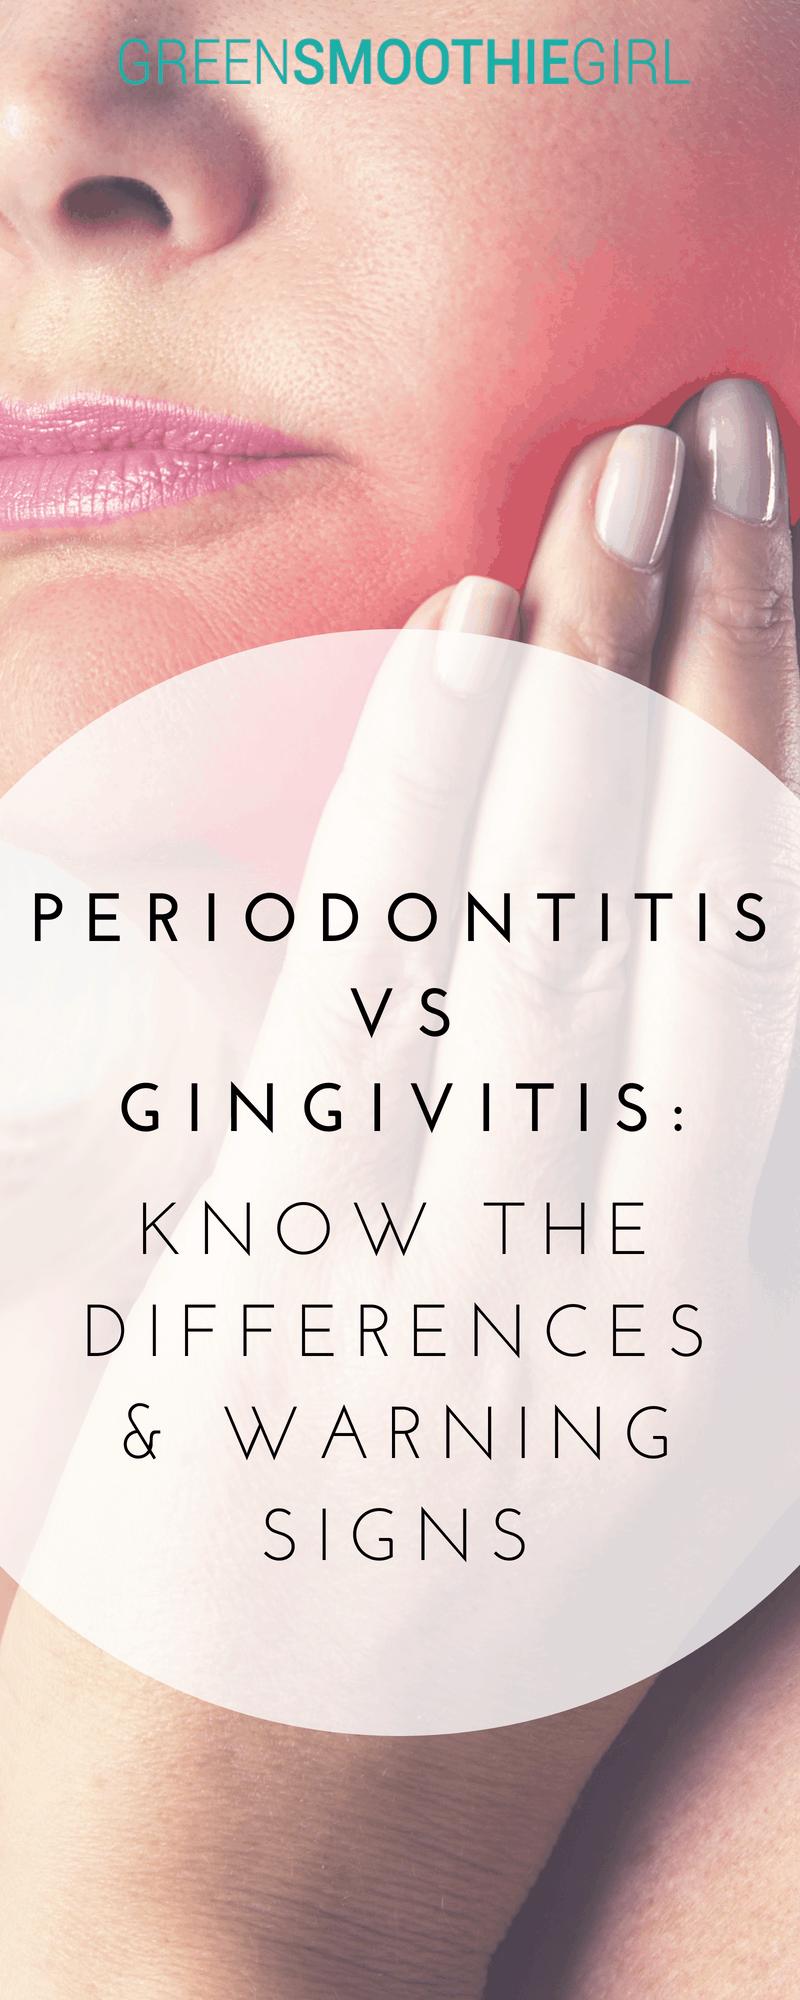 Periodontitis vs. Gingivitis | Green Smoothie Girl